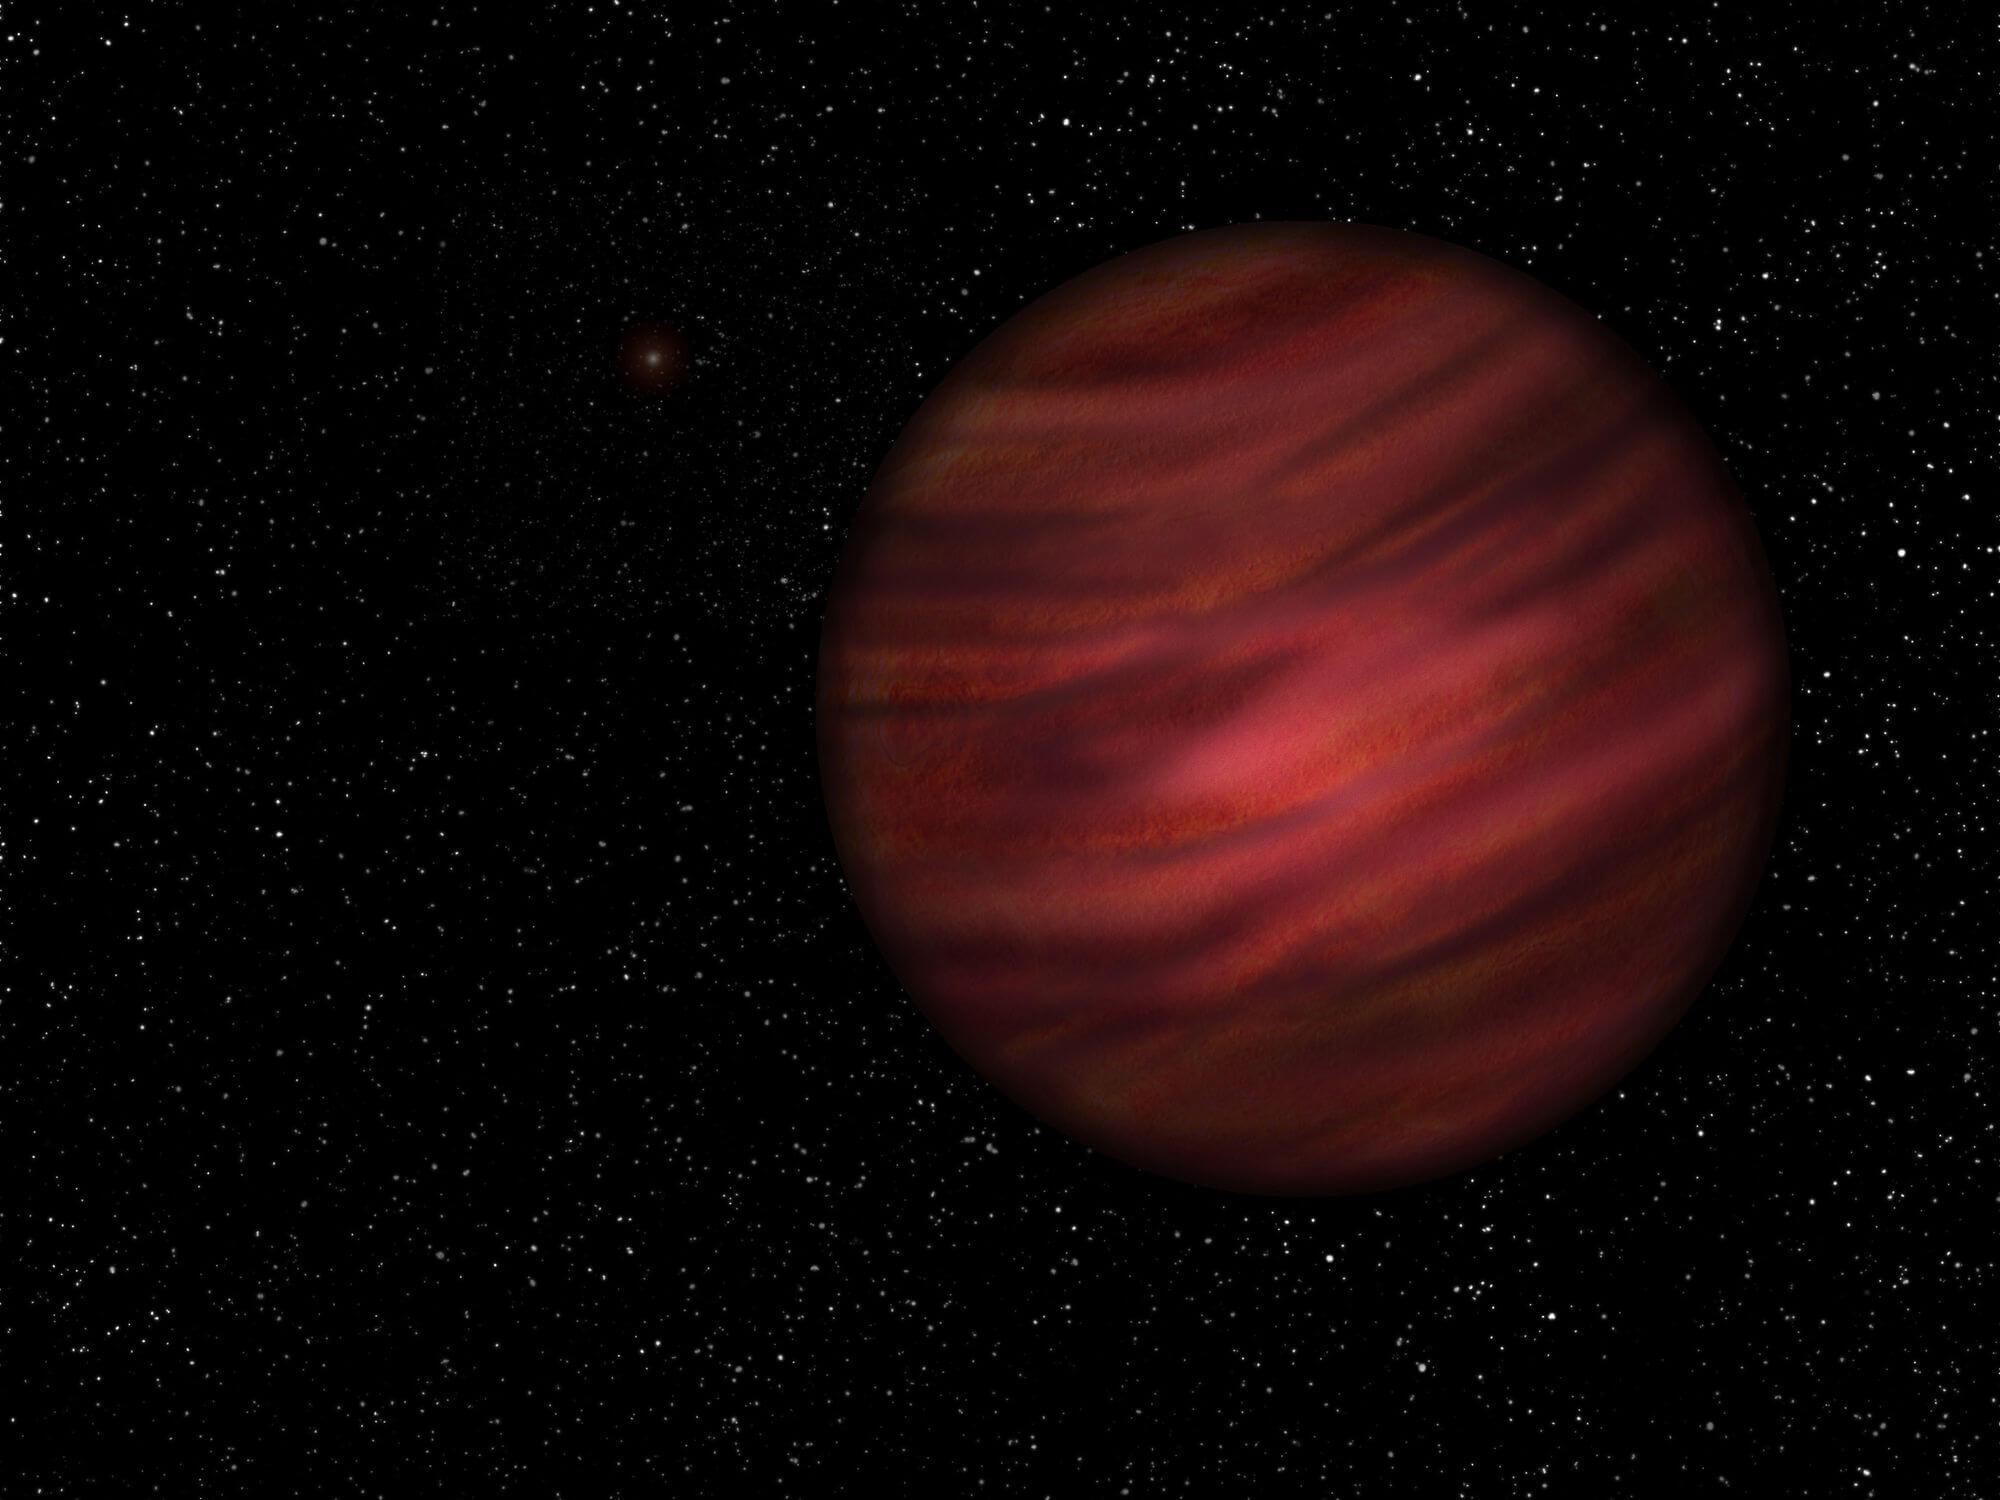 Ученые обнаружили экзопланету ссуточным периодом в27 тыс. лет